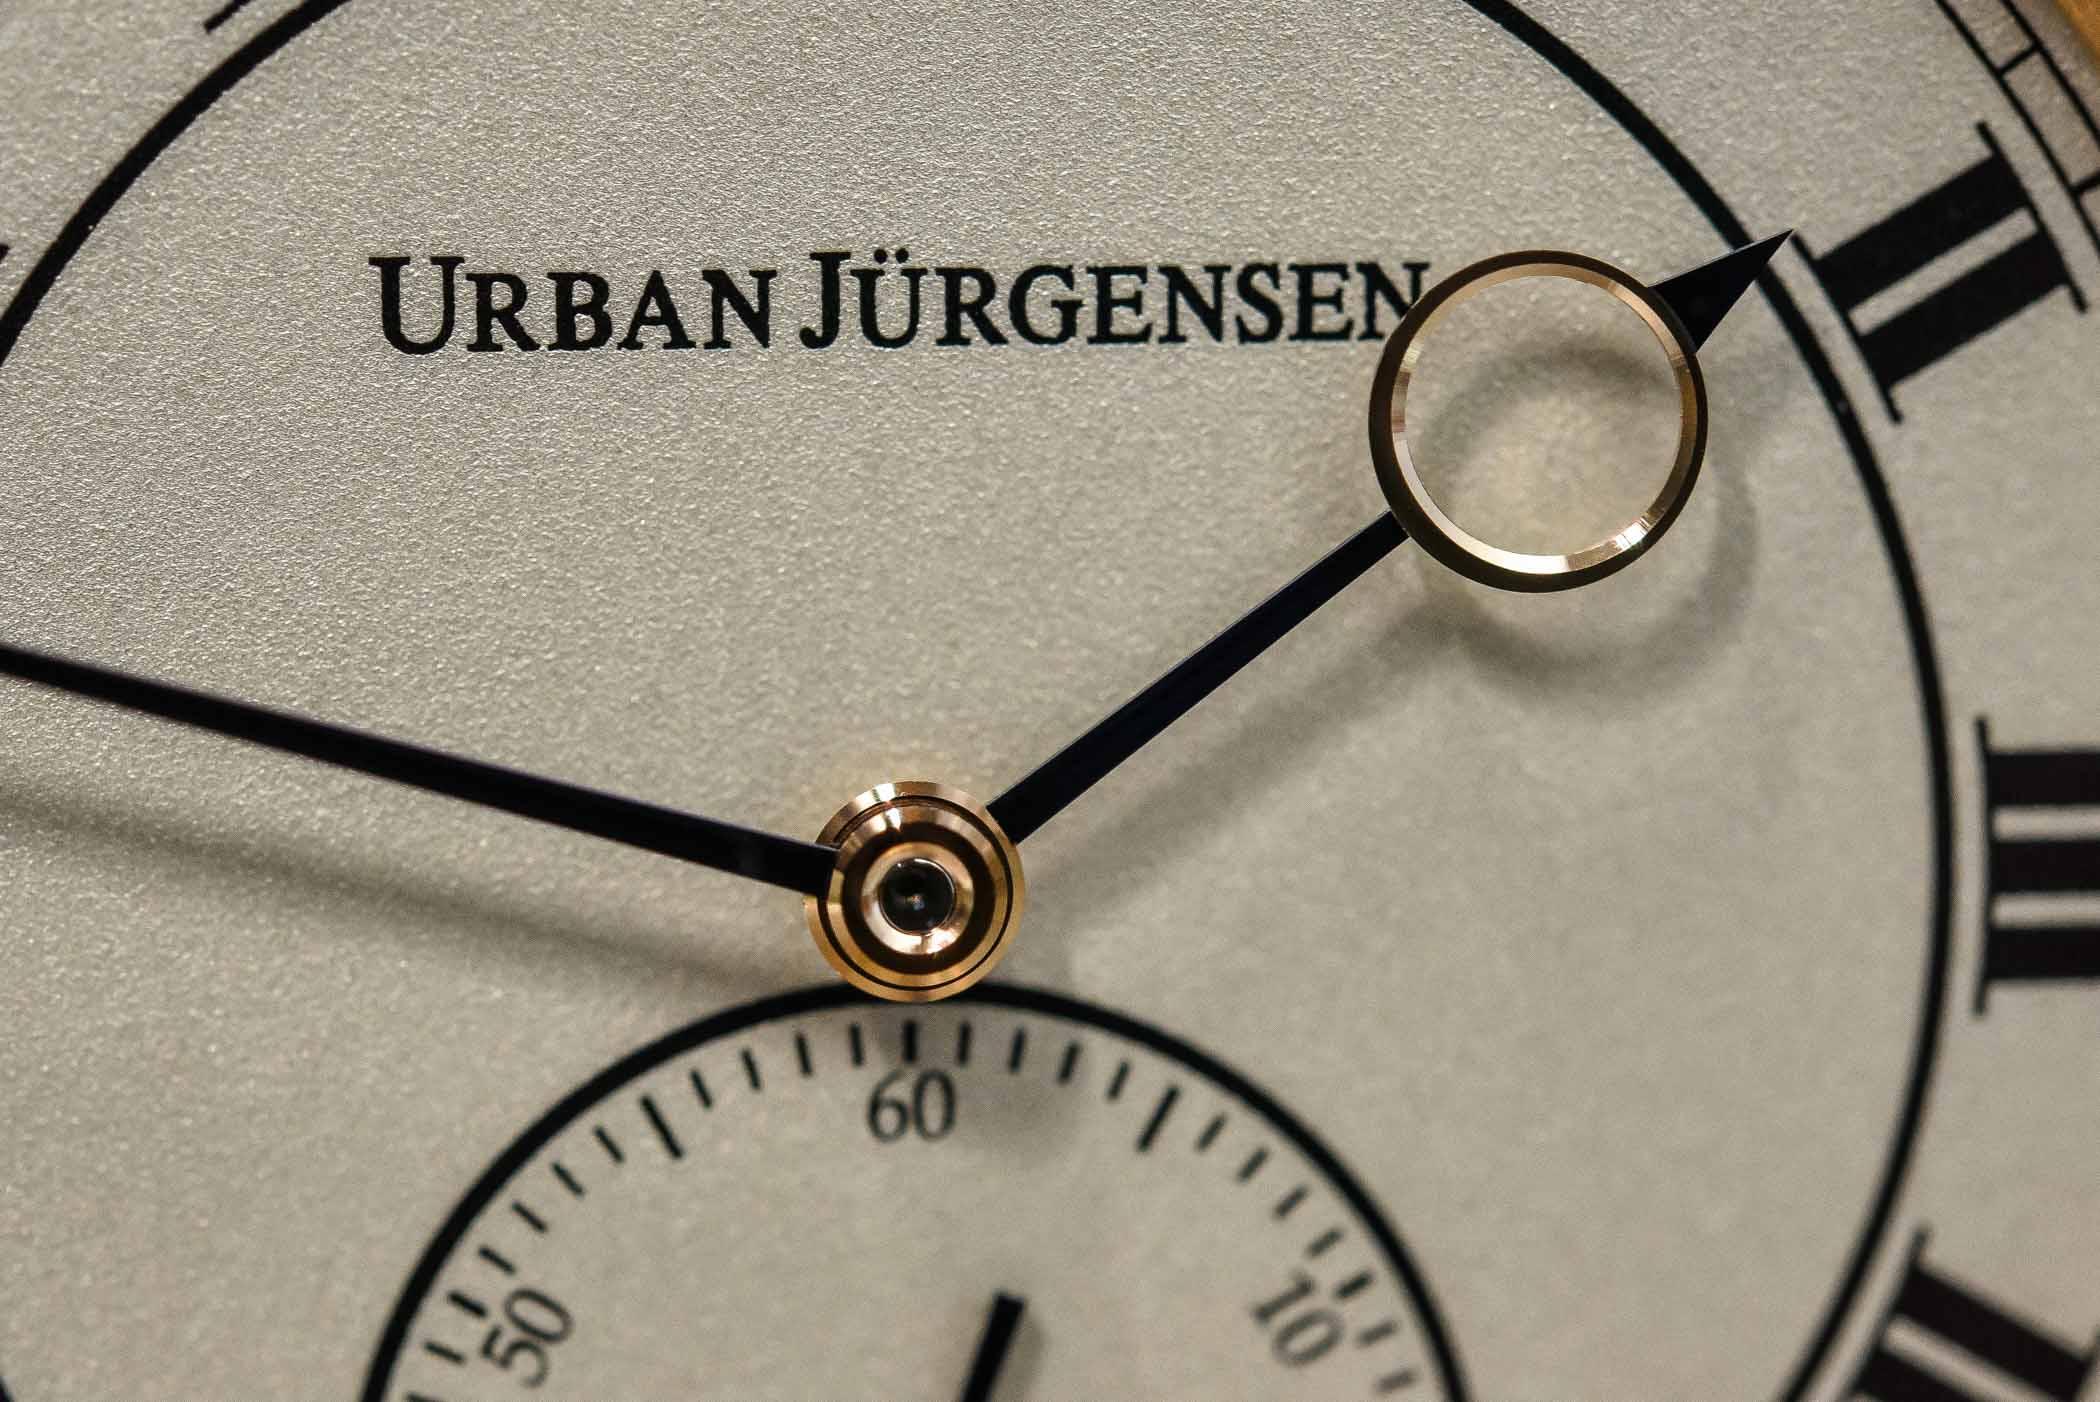 Urban Jurgensen reference 1142 Grenage dial